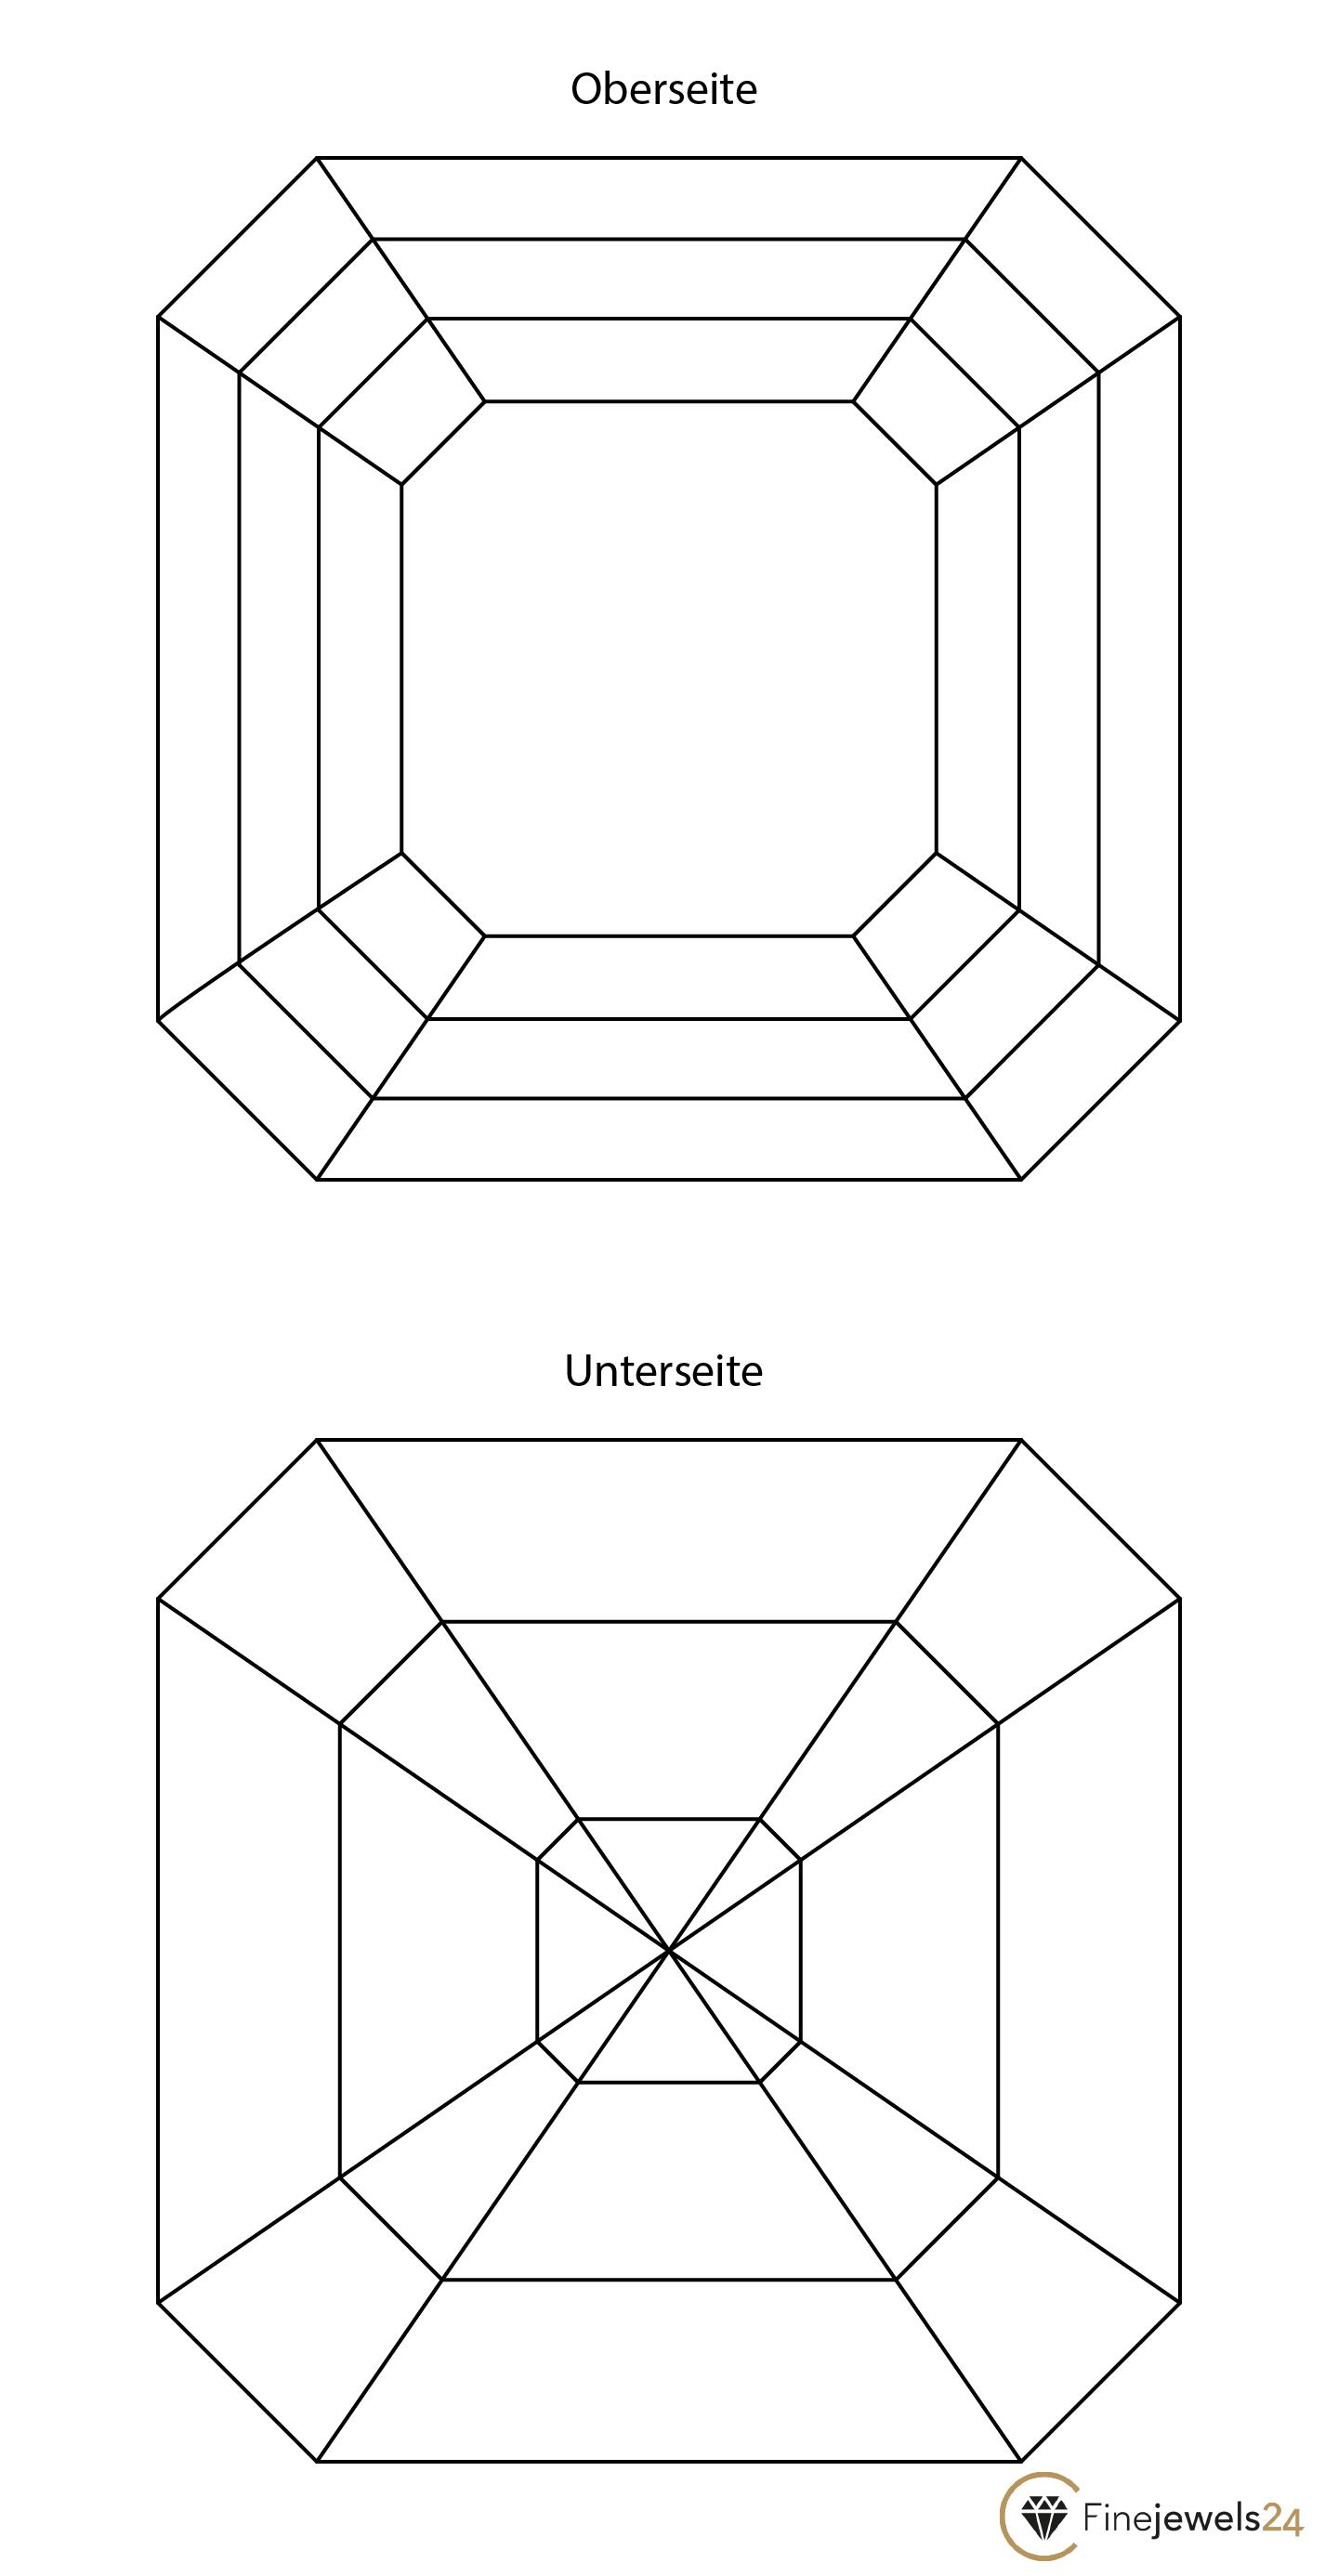 Asscherschliff Oberseite und Unterseite